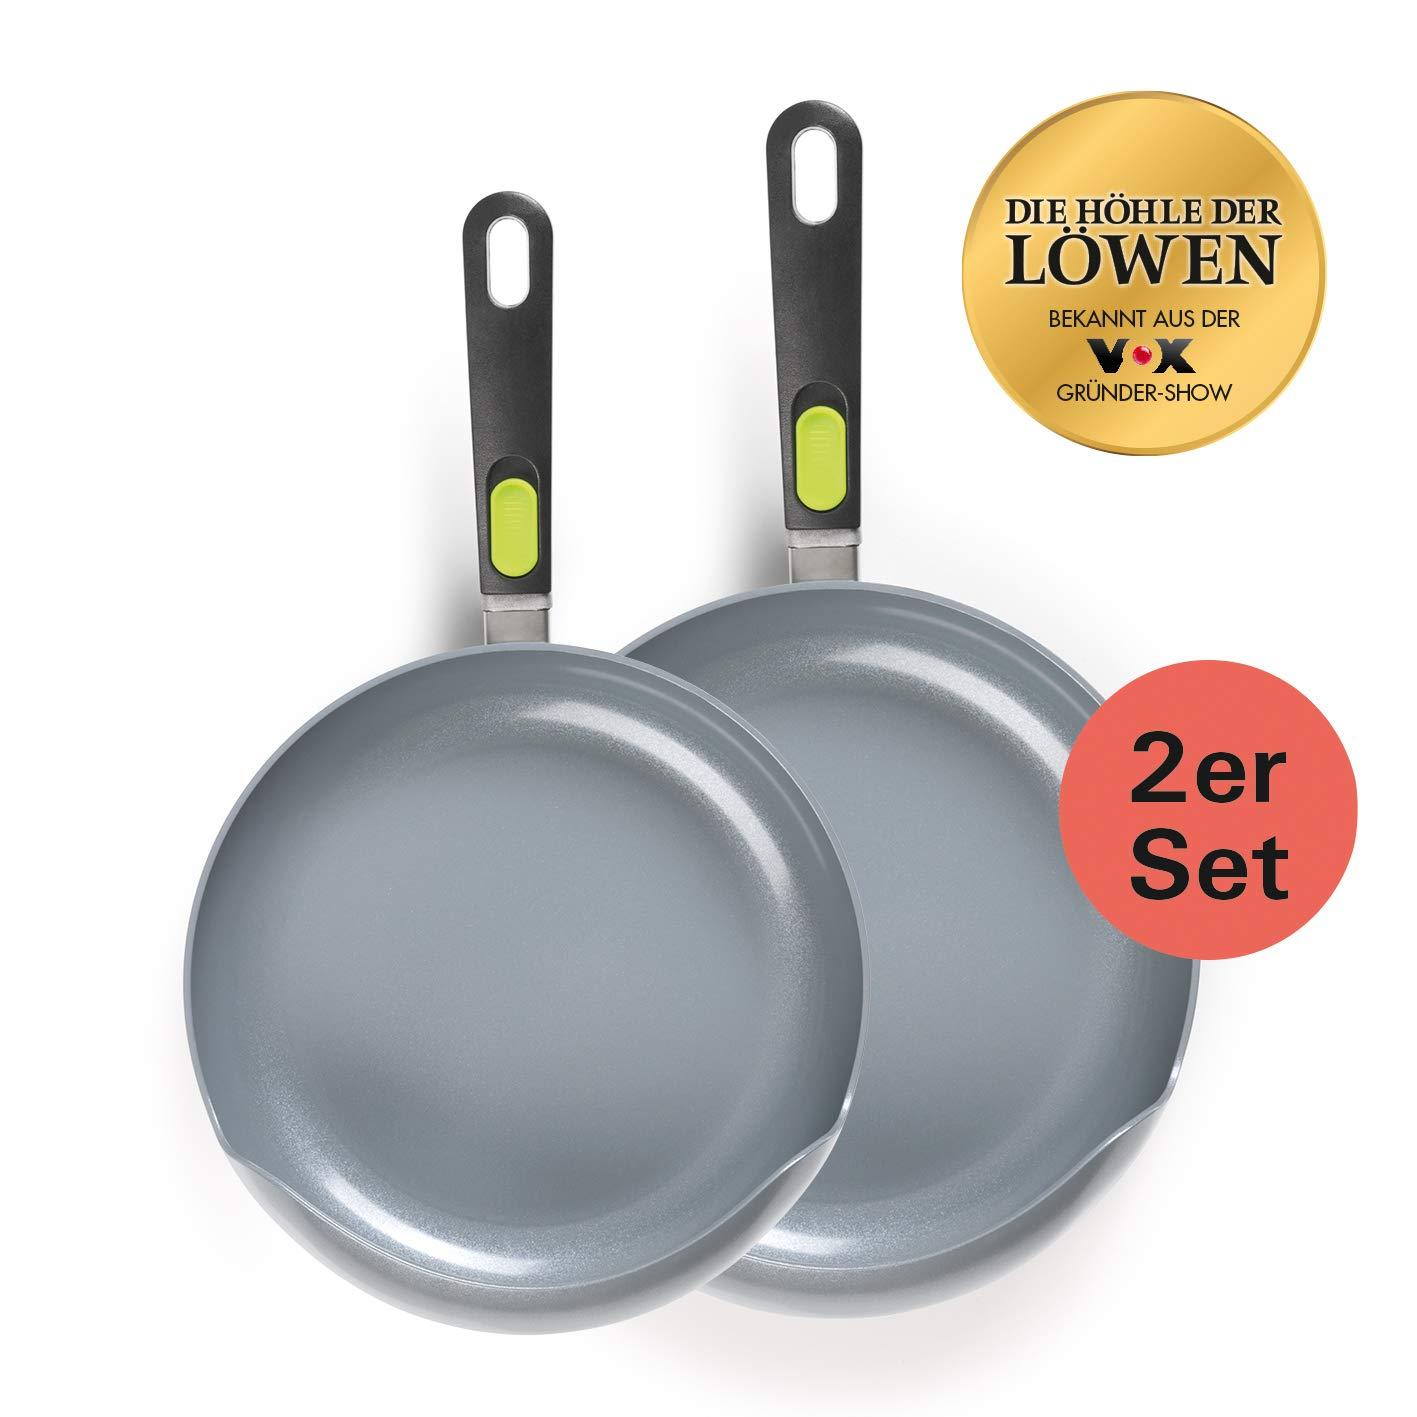 Easy Pan Green Edition Juego de 2 sartenes giratorias, mango extraíble, revestimiento de cerámica con efecto